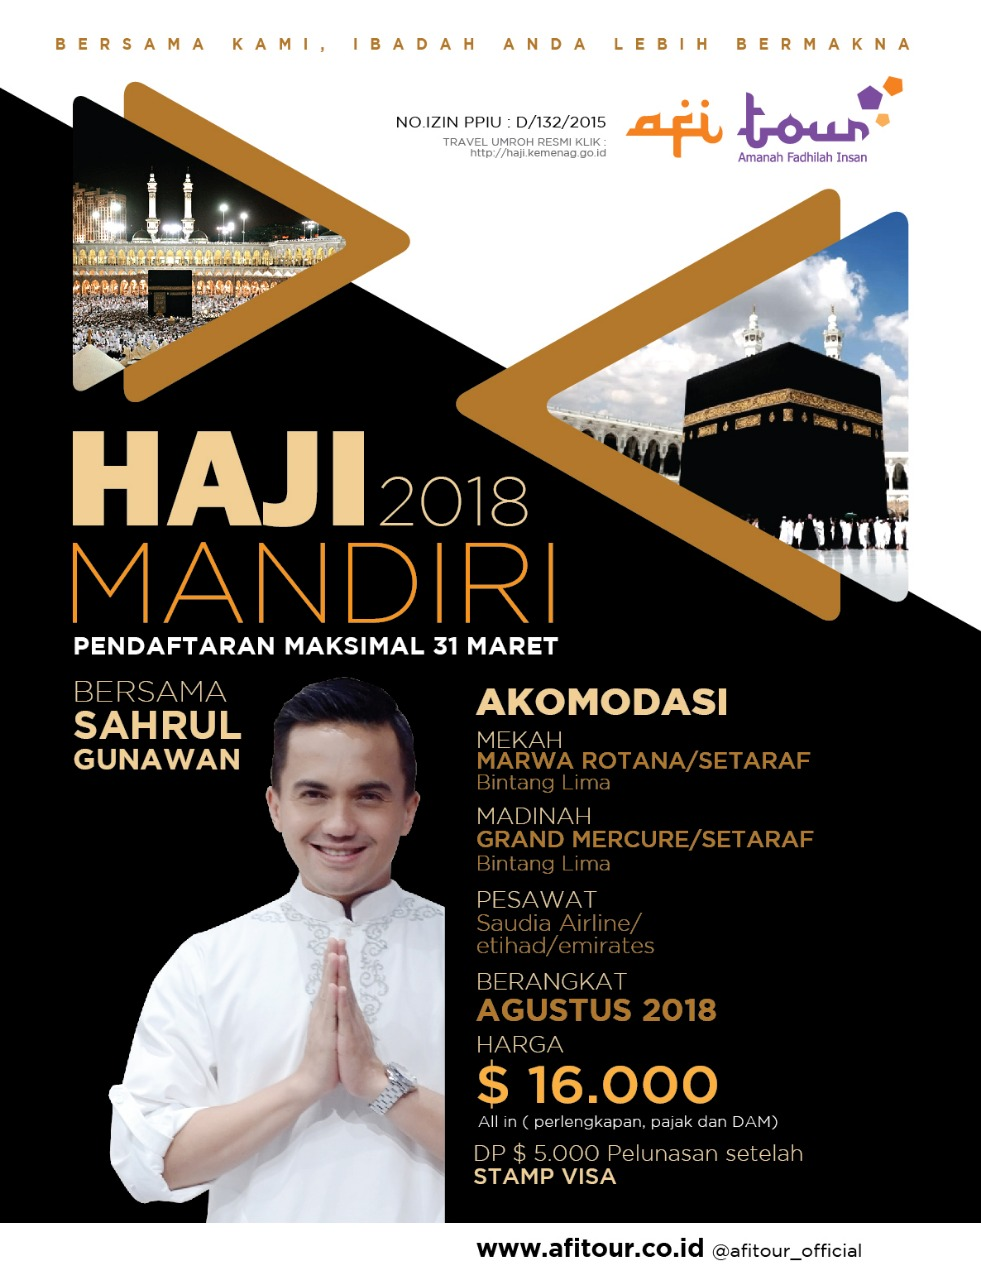 Haji Mandiri